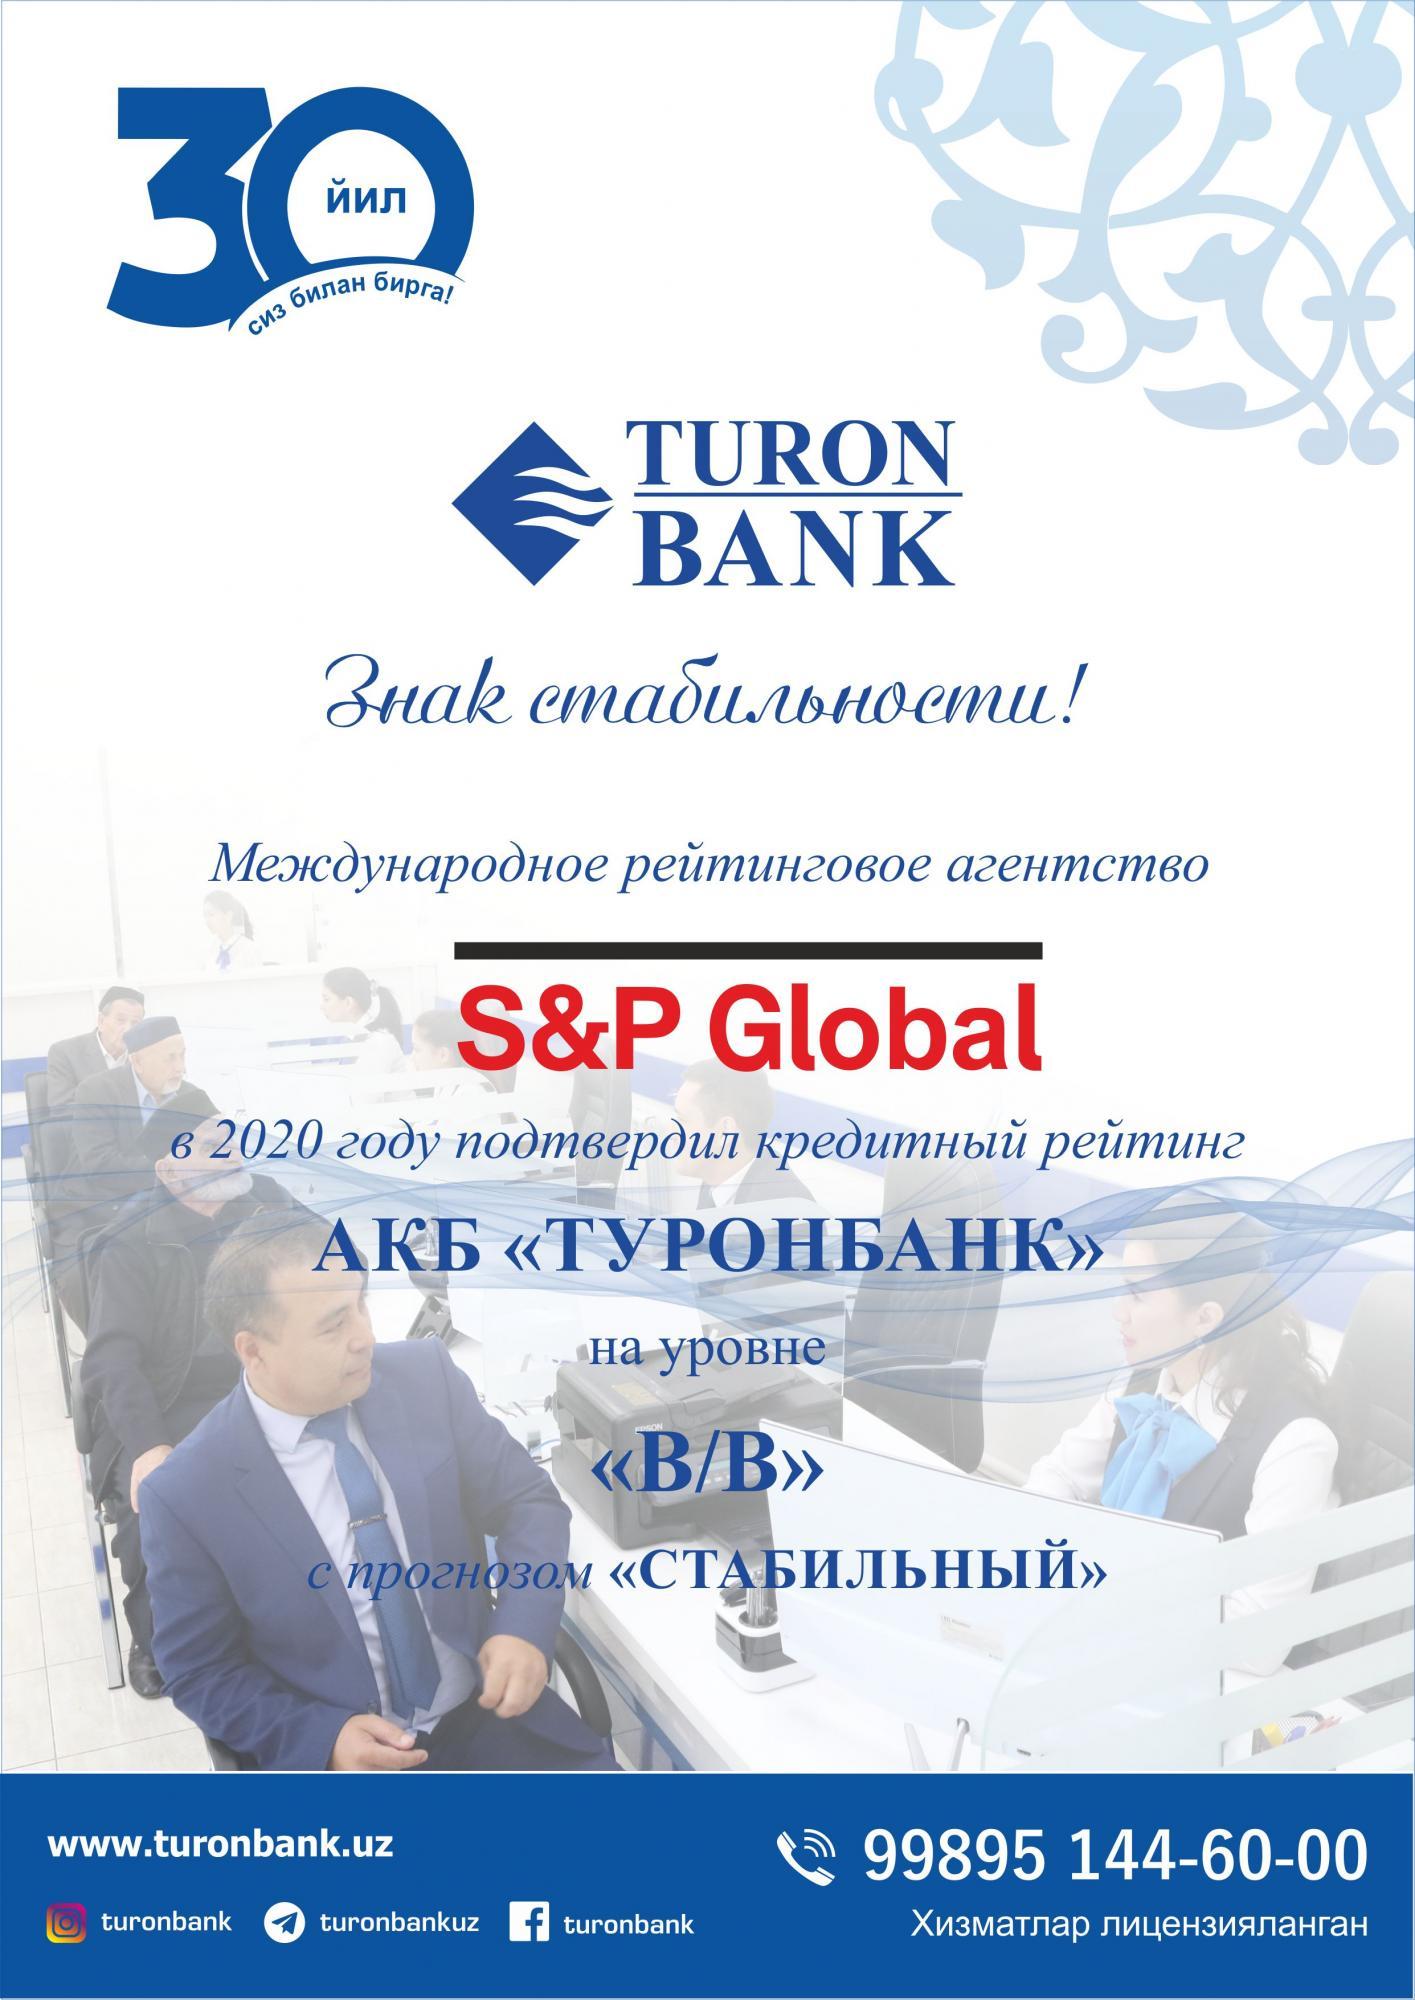 StandarsP_ru.jpg